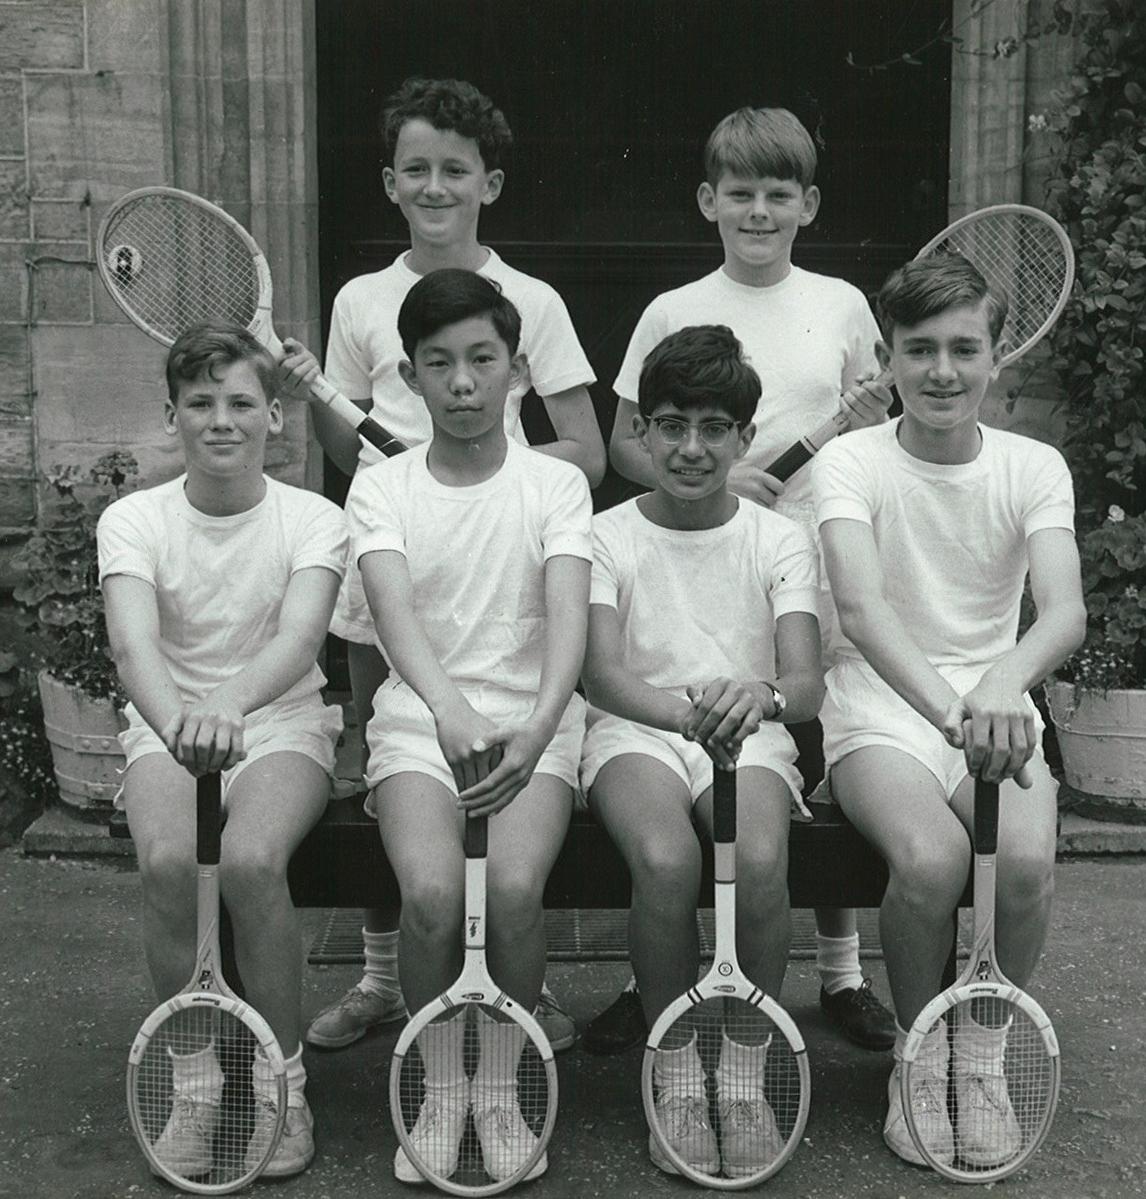 Tennis team (3)